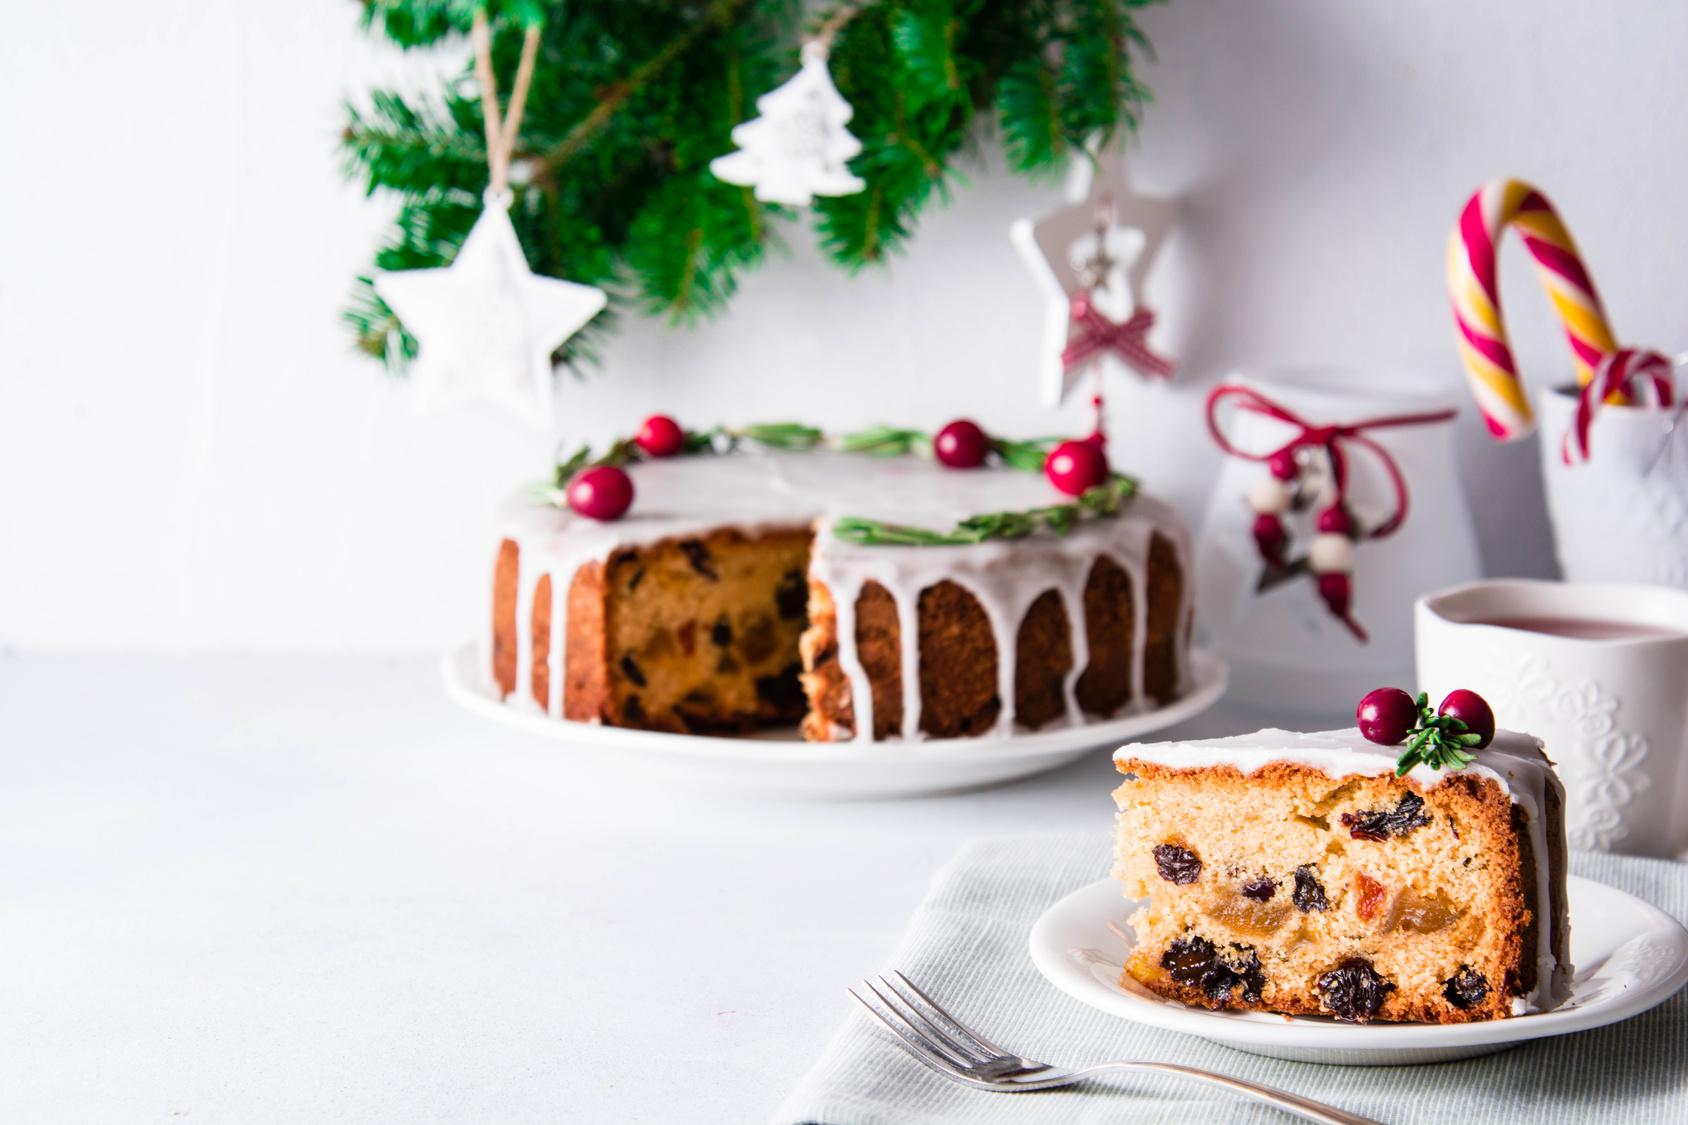 Dolci speziati di Natale, 5 idee davvero golose